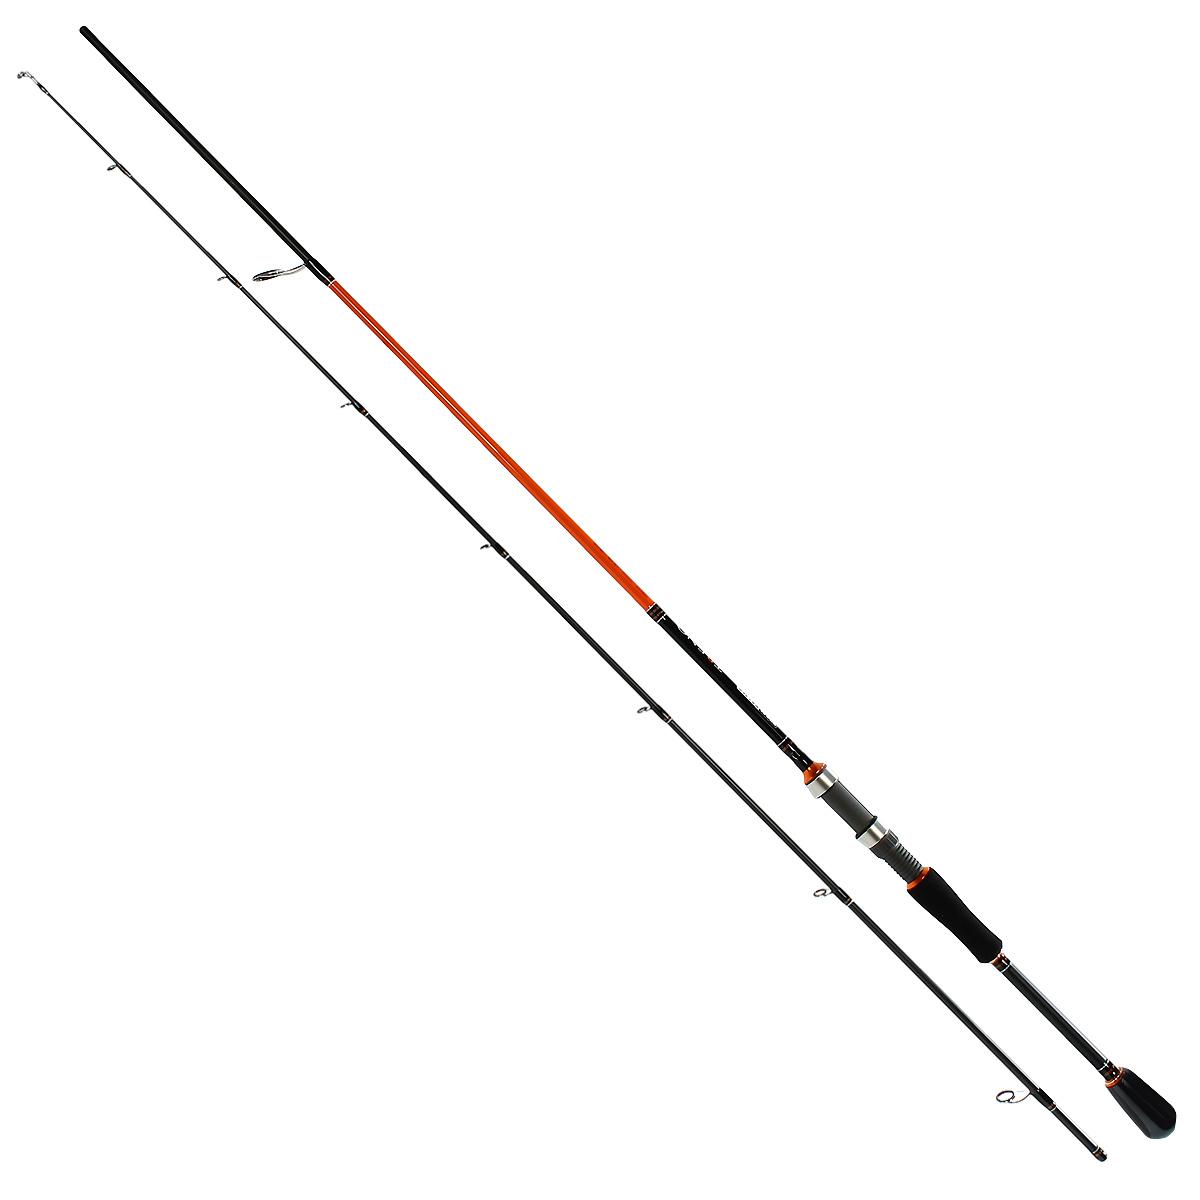 Удилище спиннинговое Team Salmo TRENO, 2,31 м, 4-18 гTSTR4-762FСерия спиннингов TRENO разработана специально для ловли хищной рыбы твичингом и на джиг-приманки. Бланки этой серии изготовлены из усовершенствованного высокомодульного графита 40T, обеспечивающего максимальную прочность, а также высокую чувствительность по всему заявленному тестовому диапазону. Строй бланков быстрый и экстра быстрый. Бланк в основании достаточно толстый, что дает преимущества не только при вываживании крупной рыбы, но и при рывковой проводке воблеров. Несмотря на относительно небольшую длину, спиннинги TRENO обладают отличными бросковыми характеристиками. Спиннинги укомплектованы пропускными кольцами Fuji K-guide со вставками SIC. Наклоненные колечки на вершинке - раннинги и противозахлестный тюльпан, не позволят запутаться за них в сильный ветер даже мягкому PE шнуру. В элегантной и практичной разнесенной рукоятке, из прочного материала EVA, установлен катушкодержатель VSS от Fuji с задней гайкой крепления. Материал ручек жесткий и приятный на ощупь.